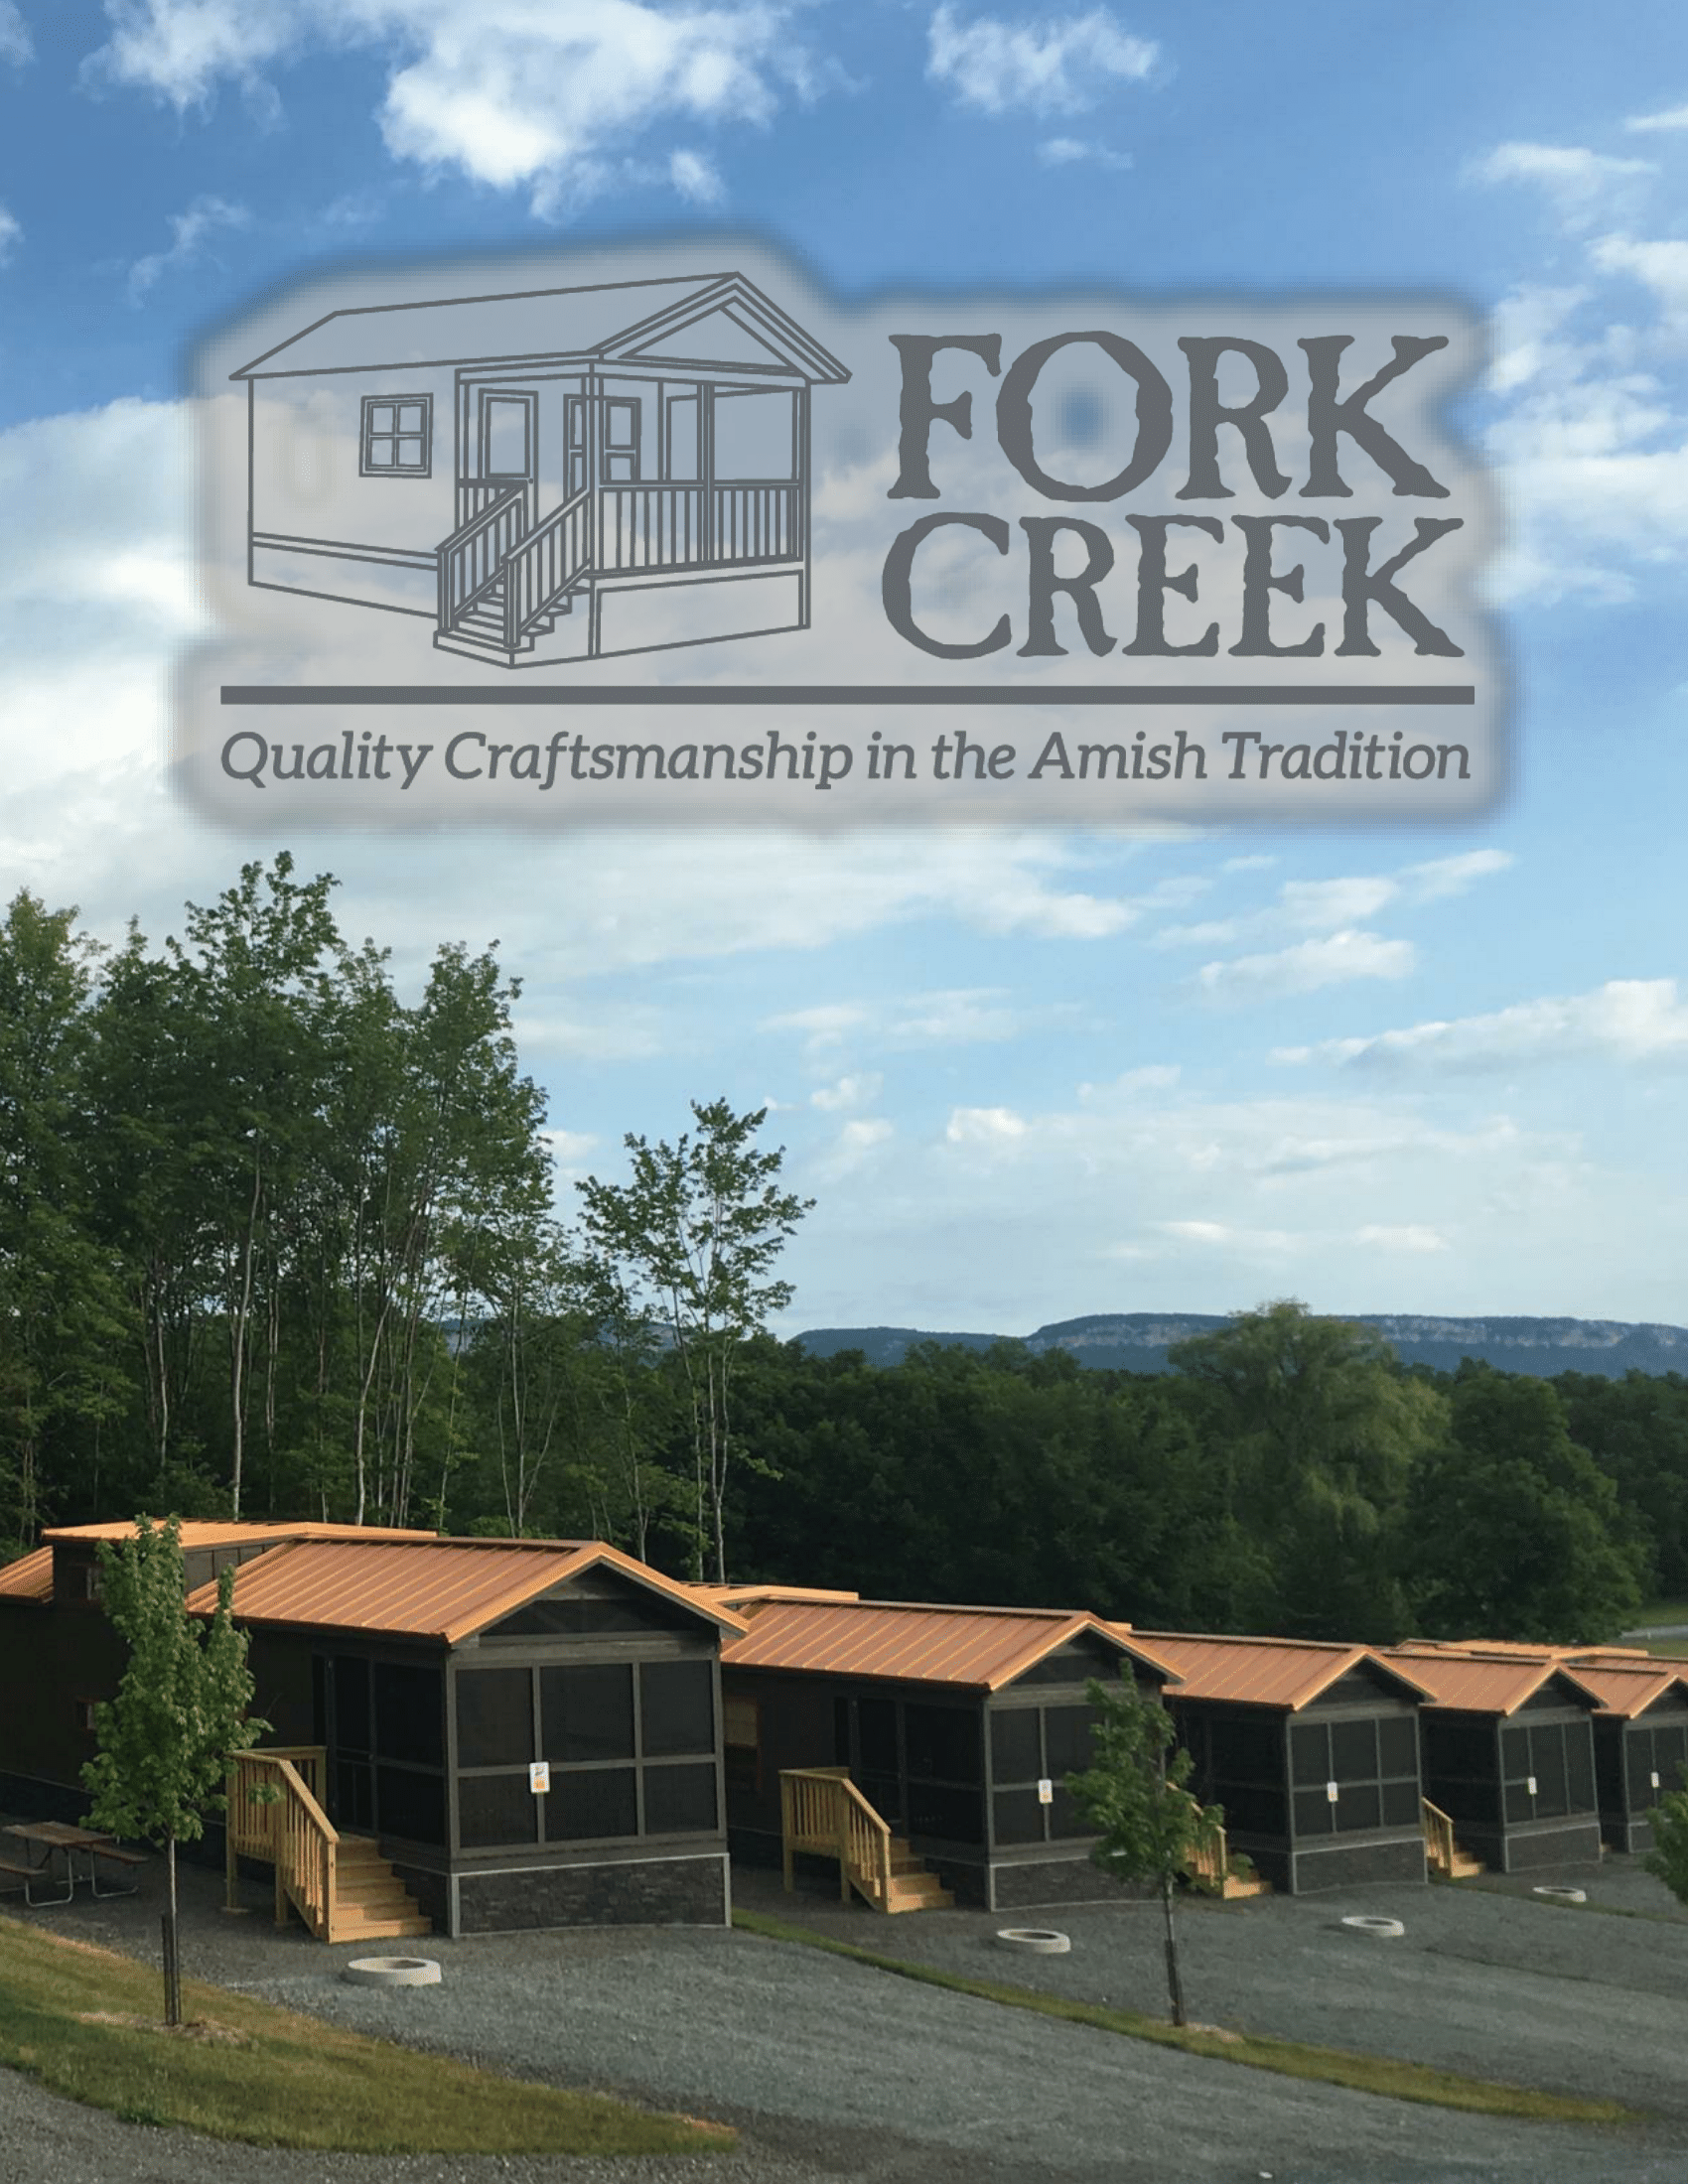 fork-creek-brochure-01.png